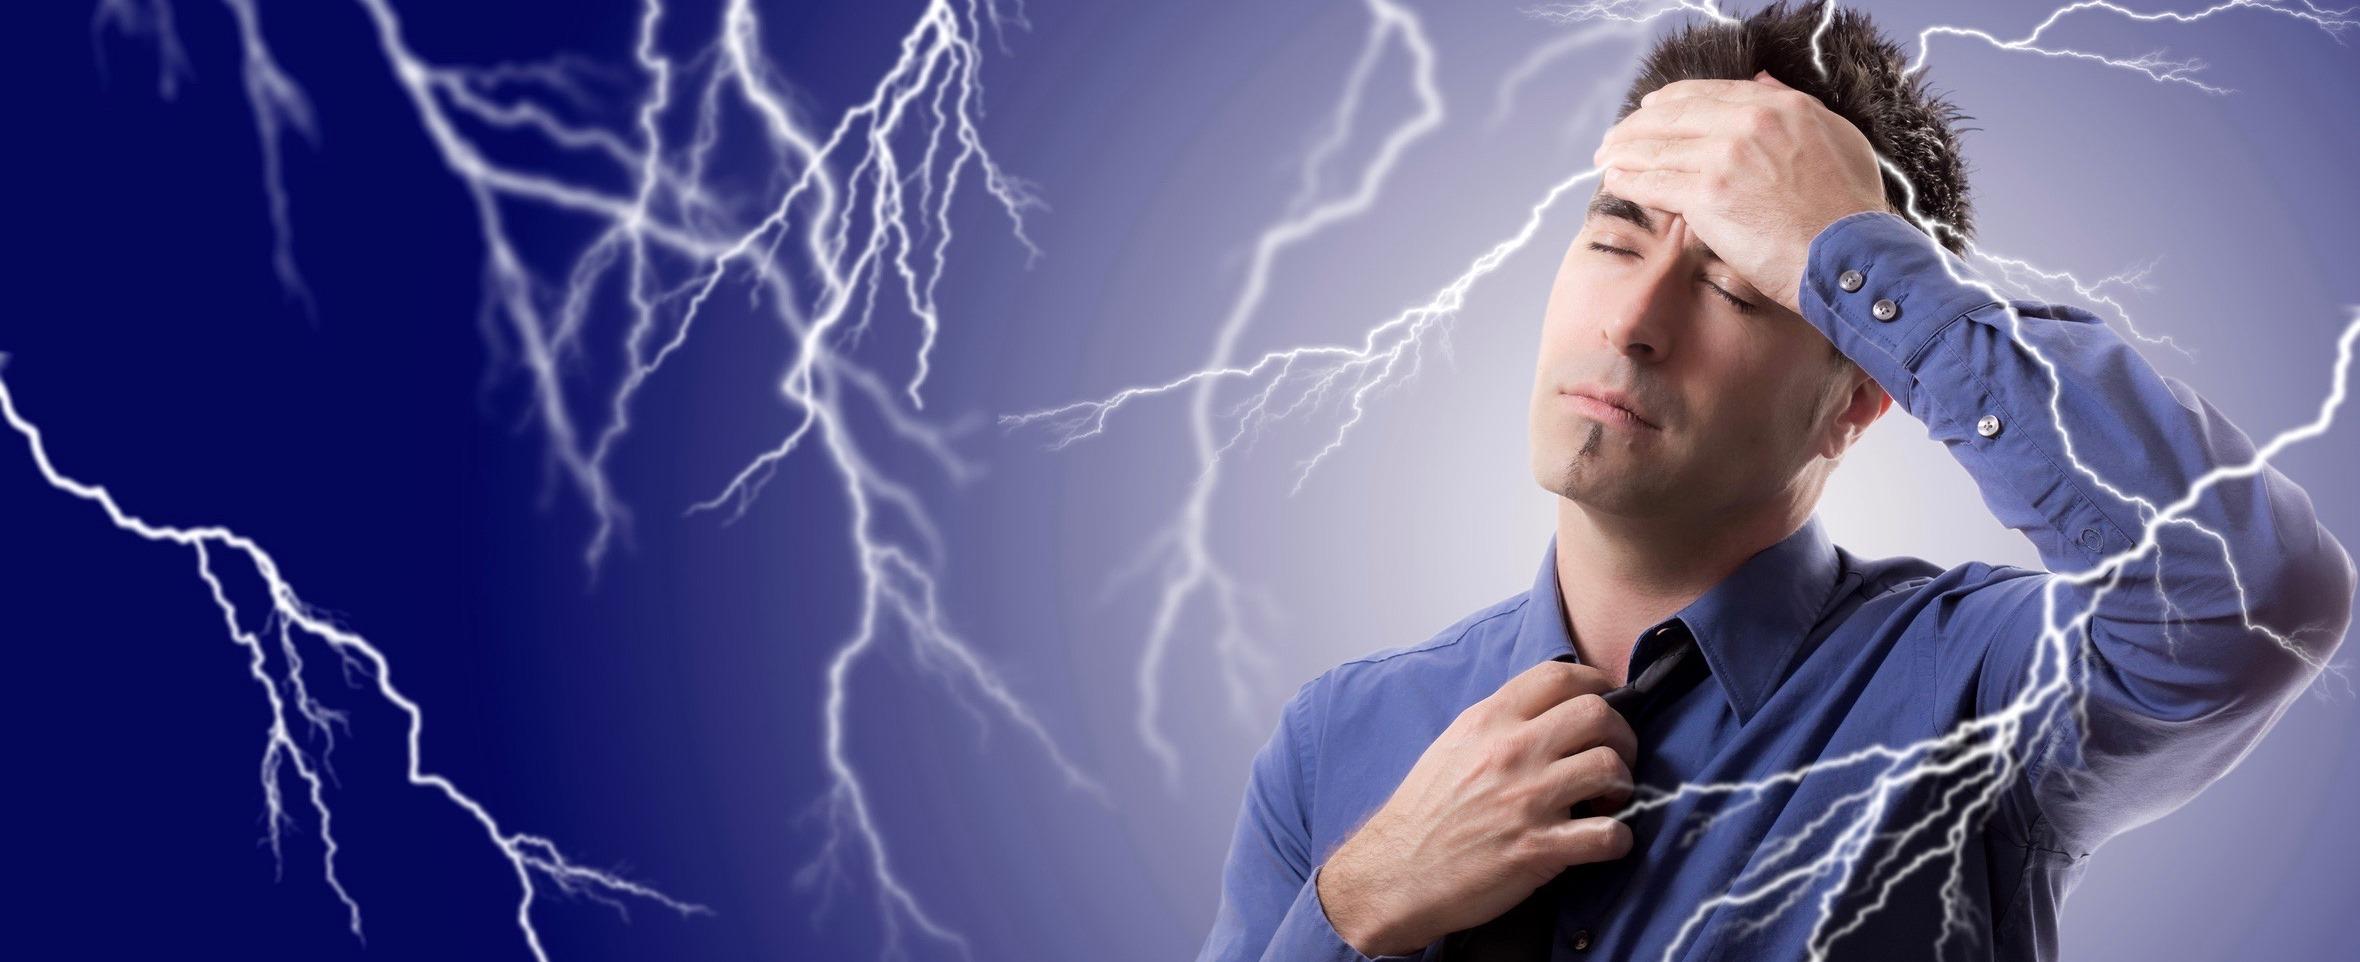 kopfschmerzen - behandlung bei migräne, ganzheitliche schmerztherapie